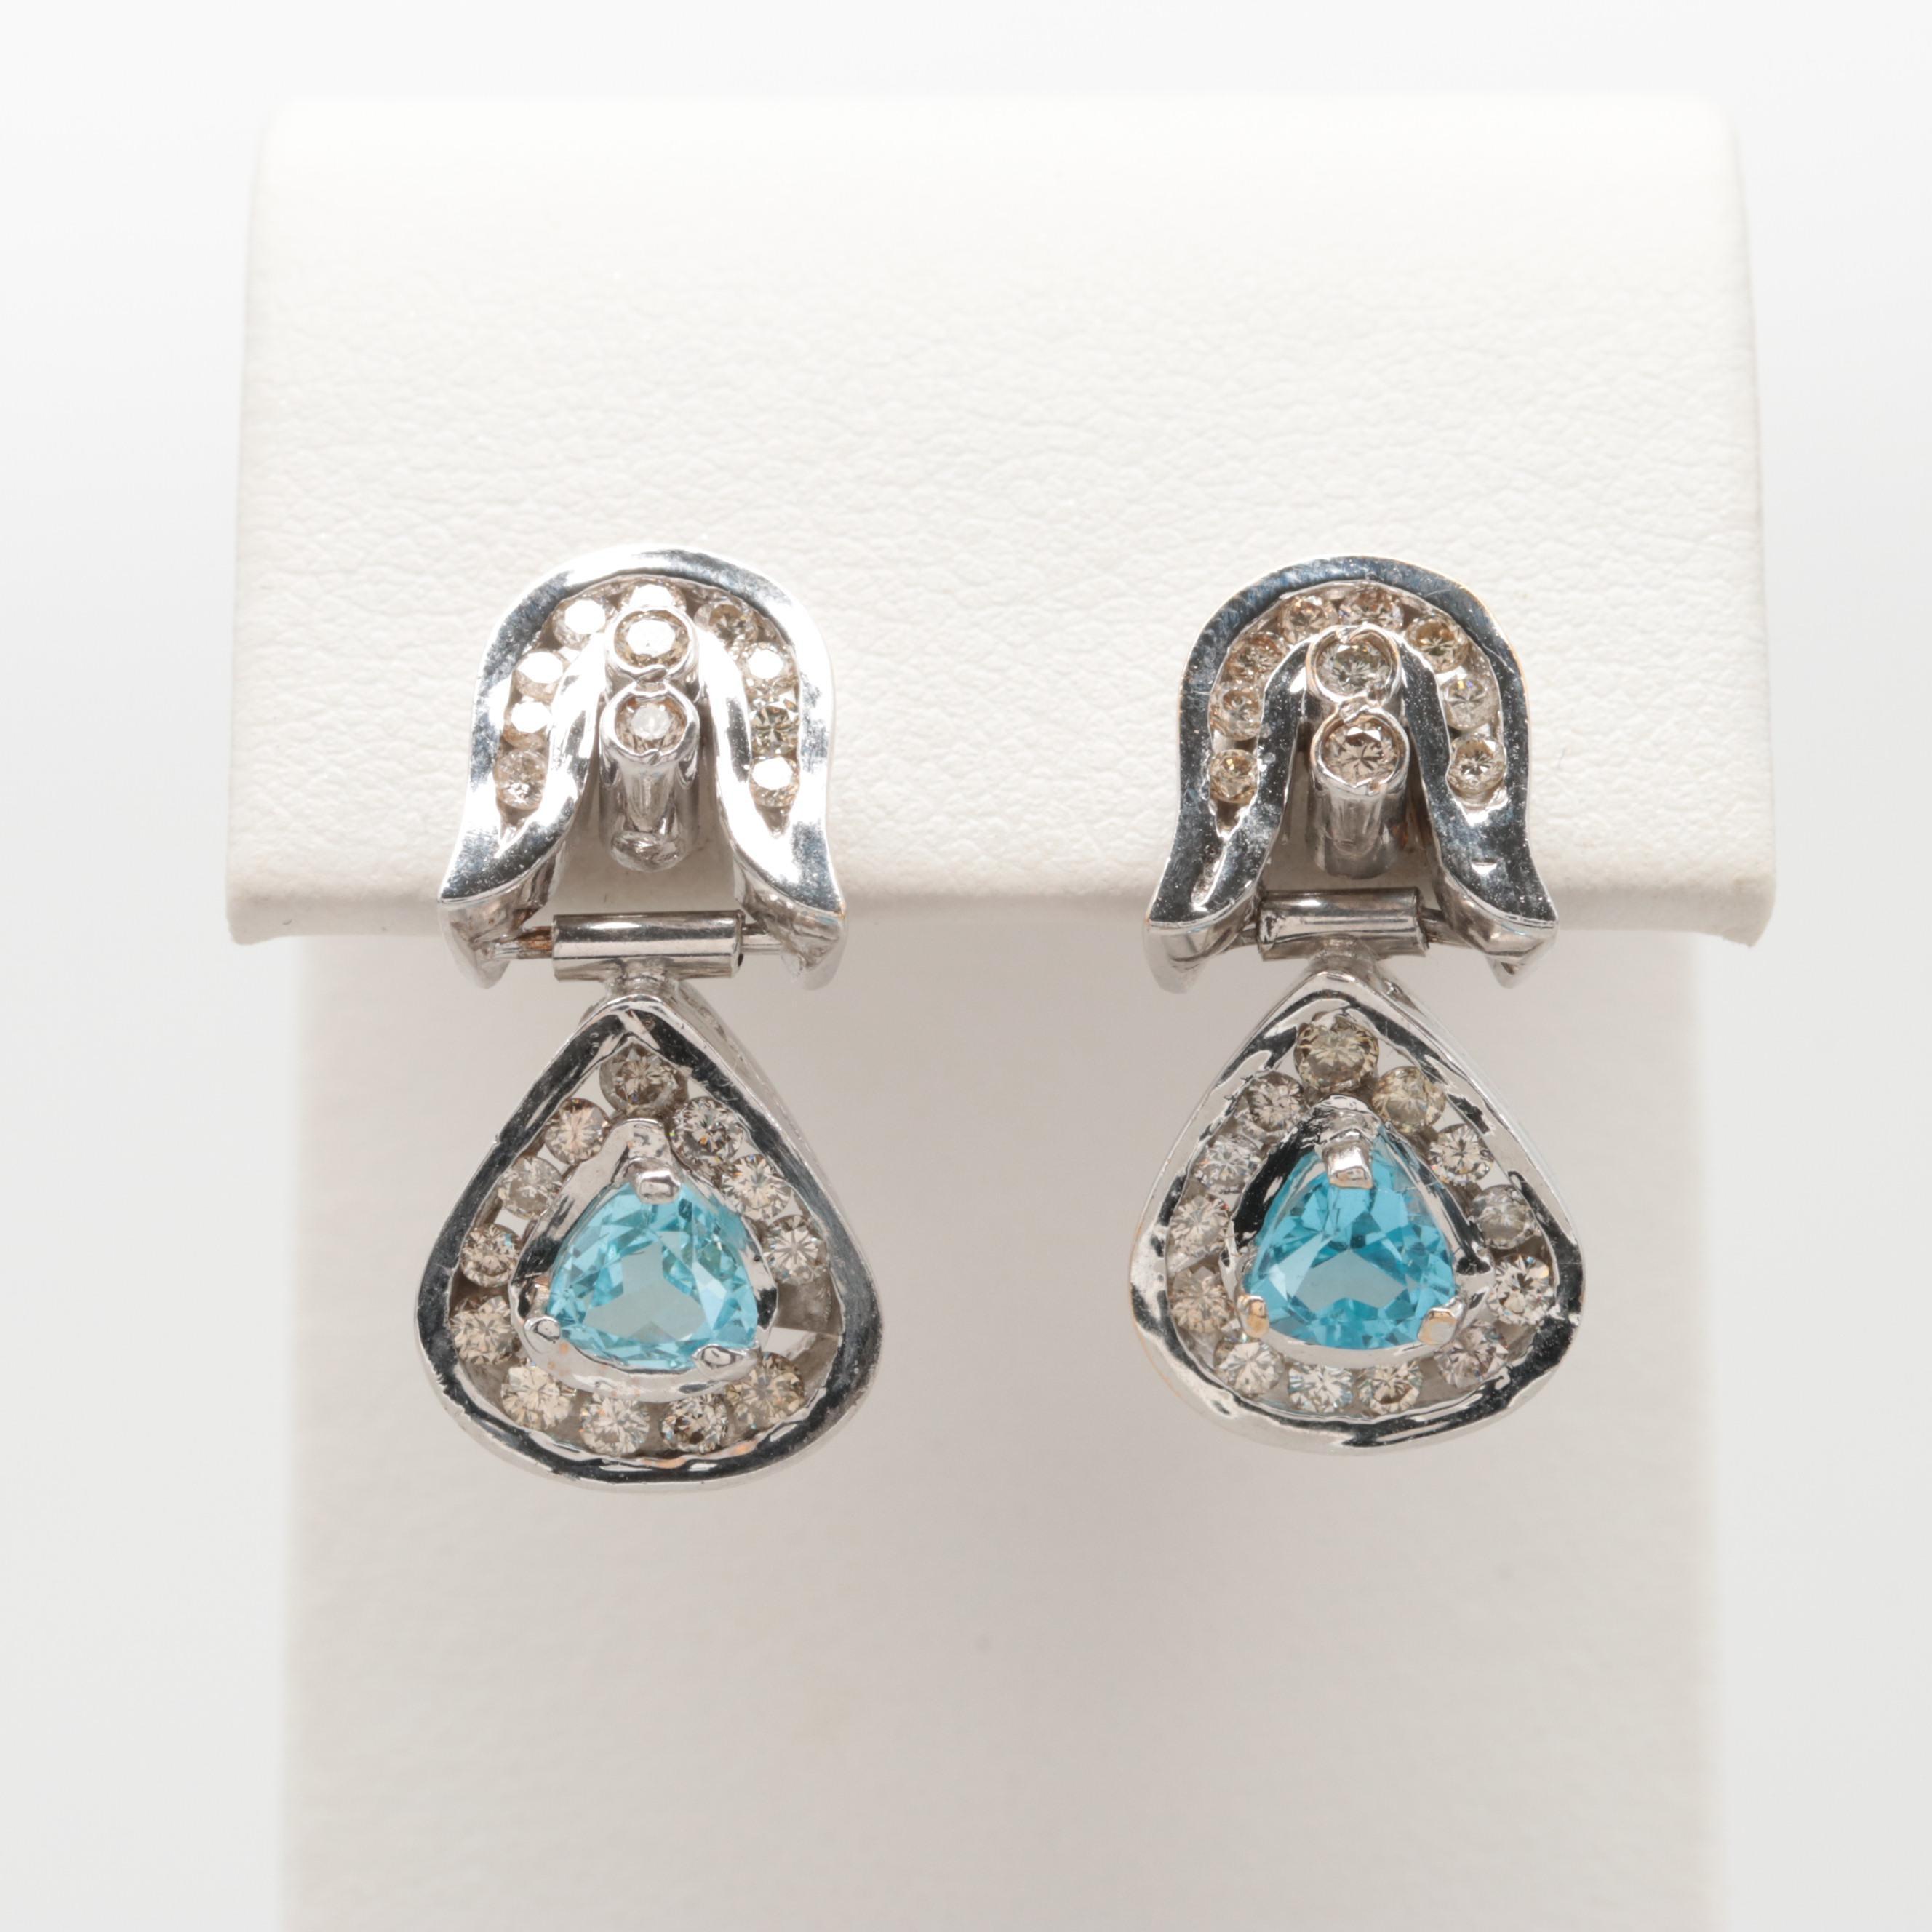 18K White Gold Blue Topaz and 1.15 CTW Diamond Earrings